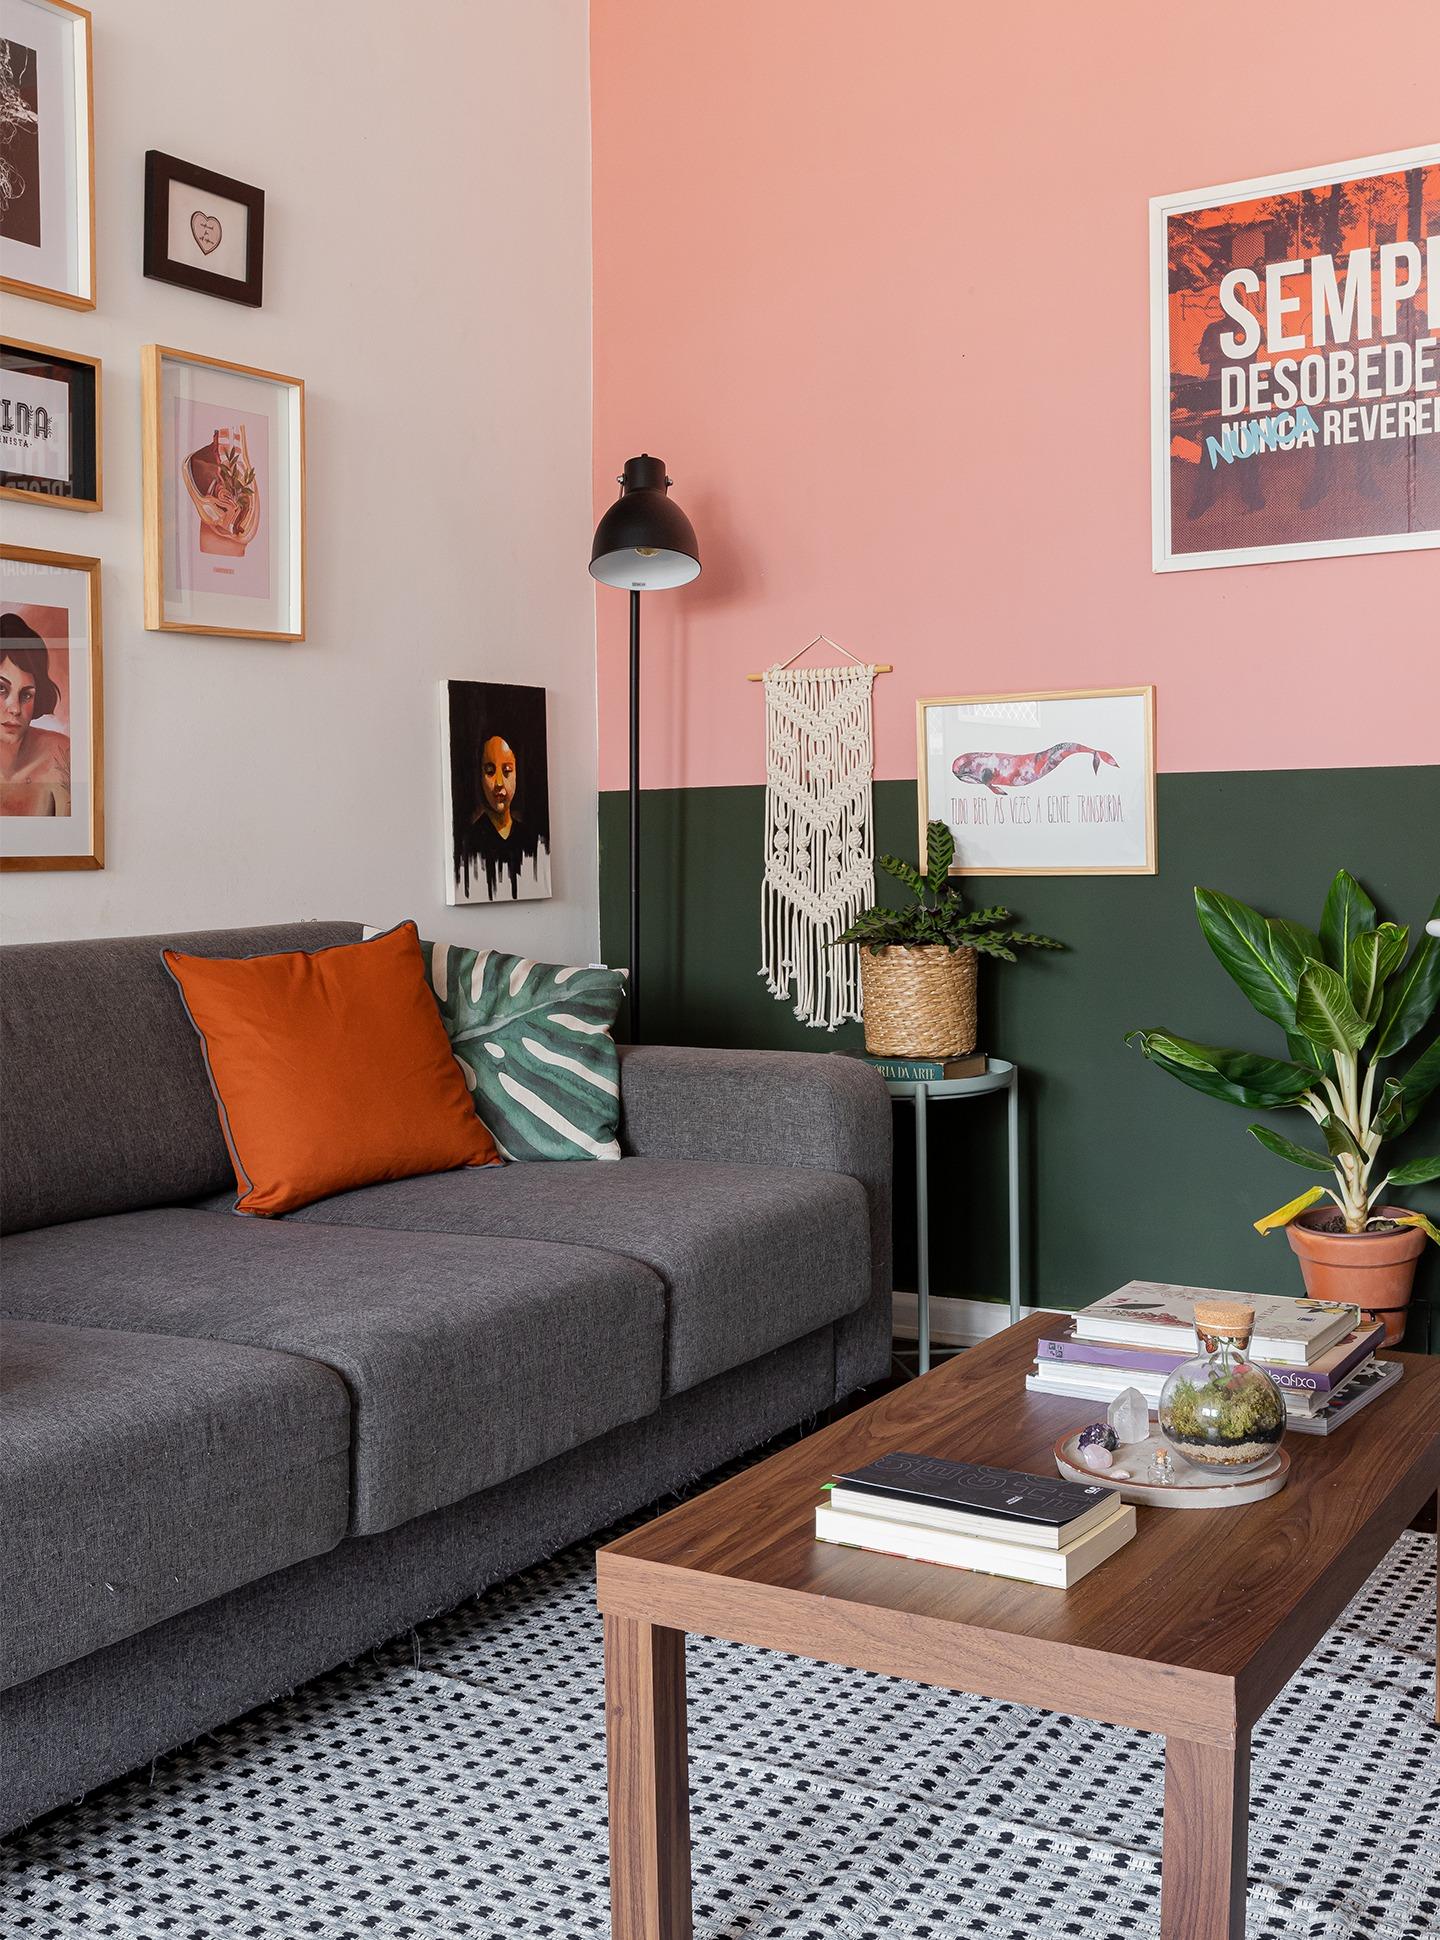 decoração-sala-parede-verde-e-rosa-com-quadros-e-plantas